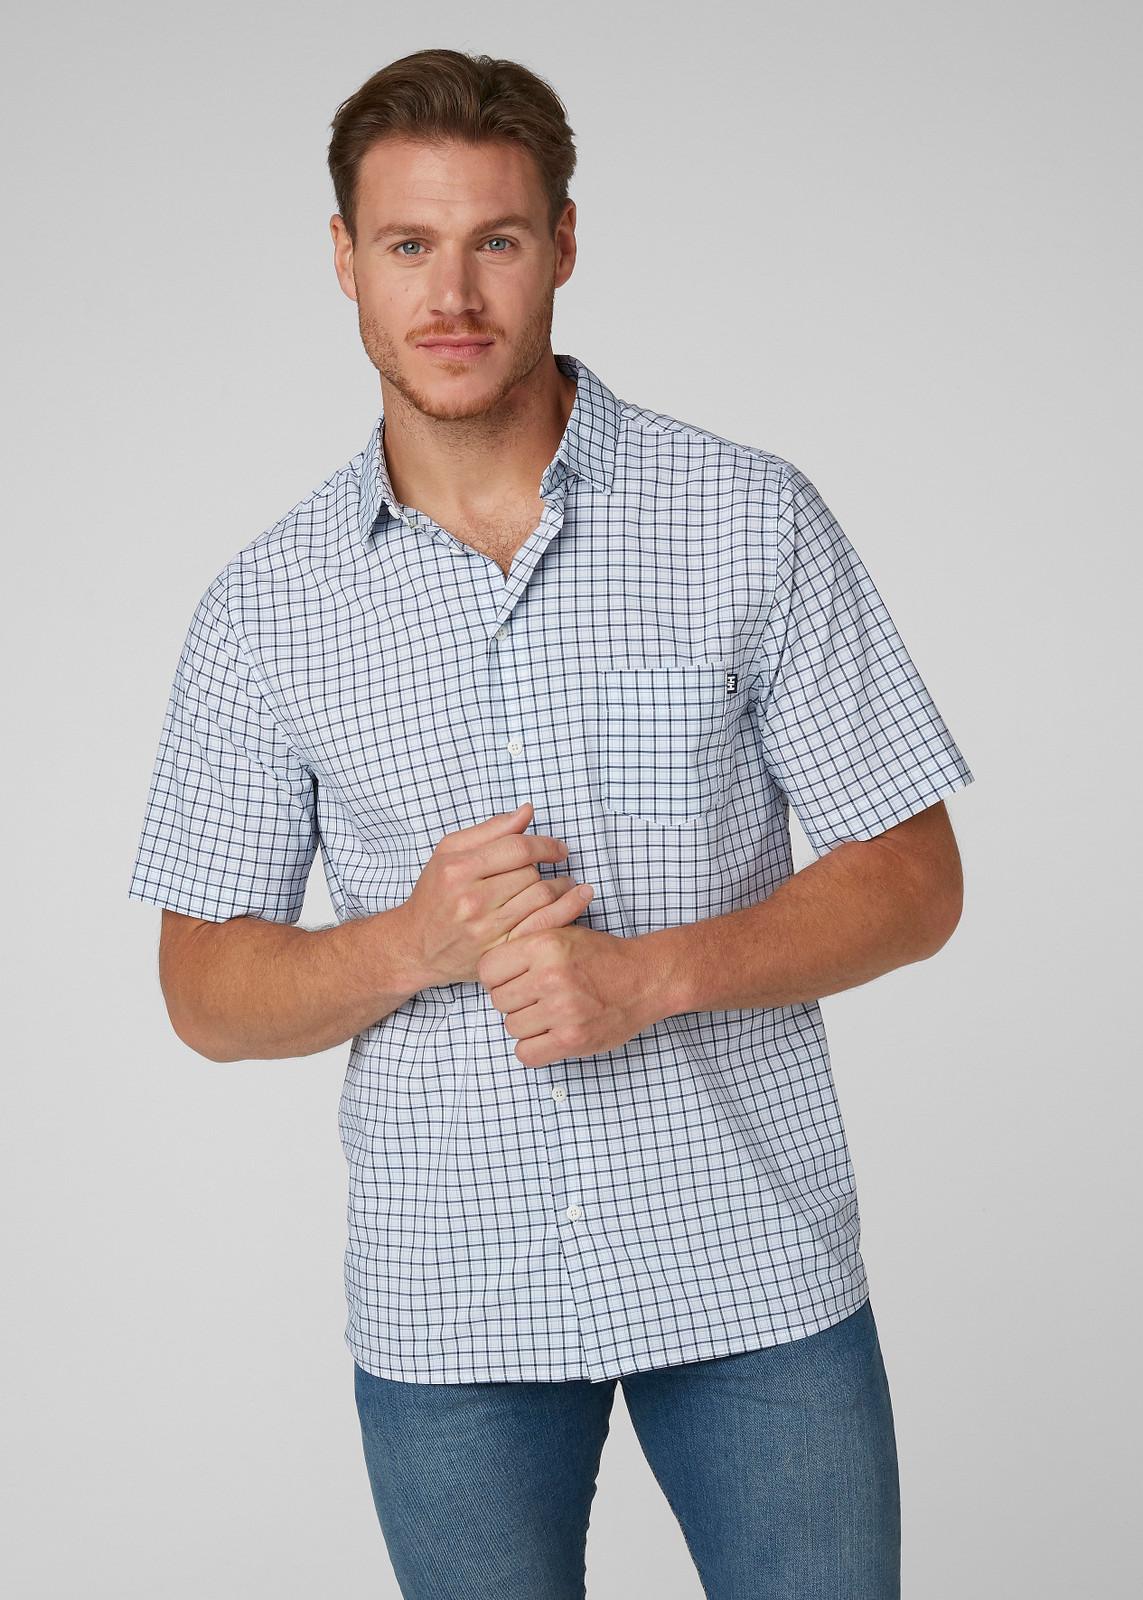 Helly Hansen Fjord QD SS Shirt, Men's - White Check, 34048-001 on model